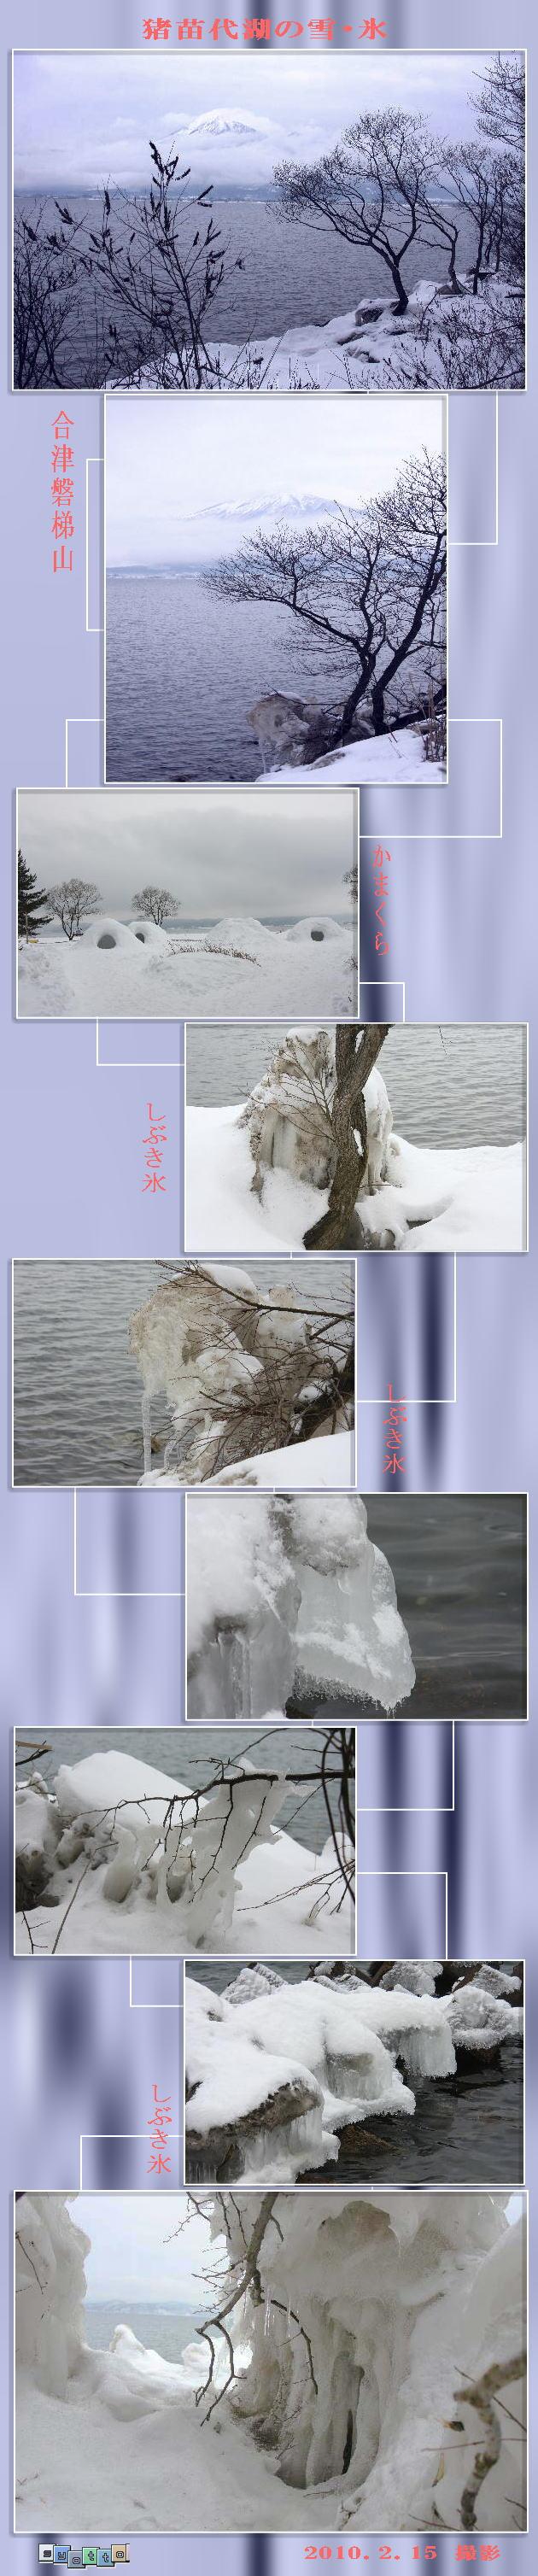 f0164592_20471434.jpg